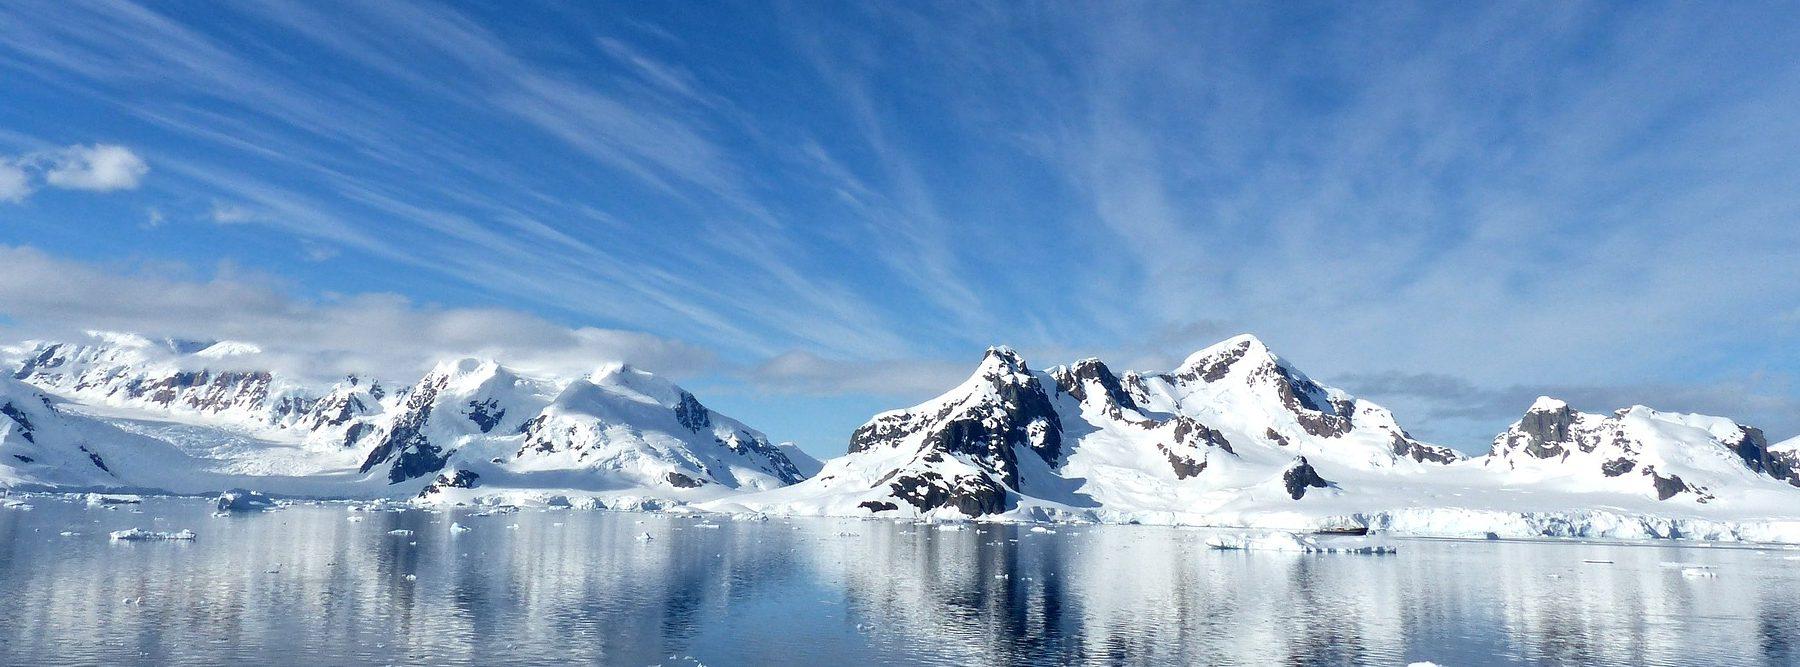 Nieve artificial para salvar los glaciares de la Antártida